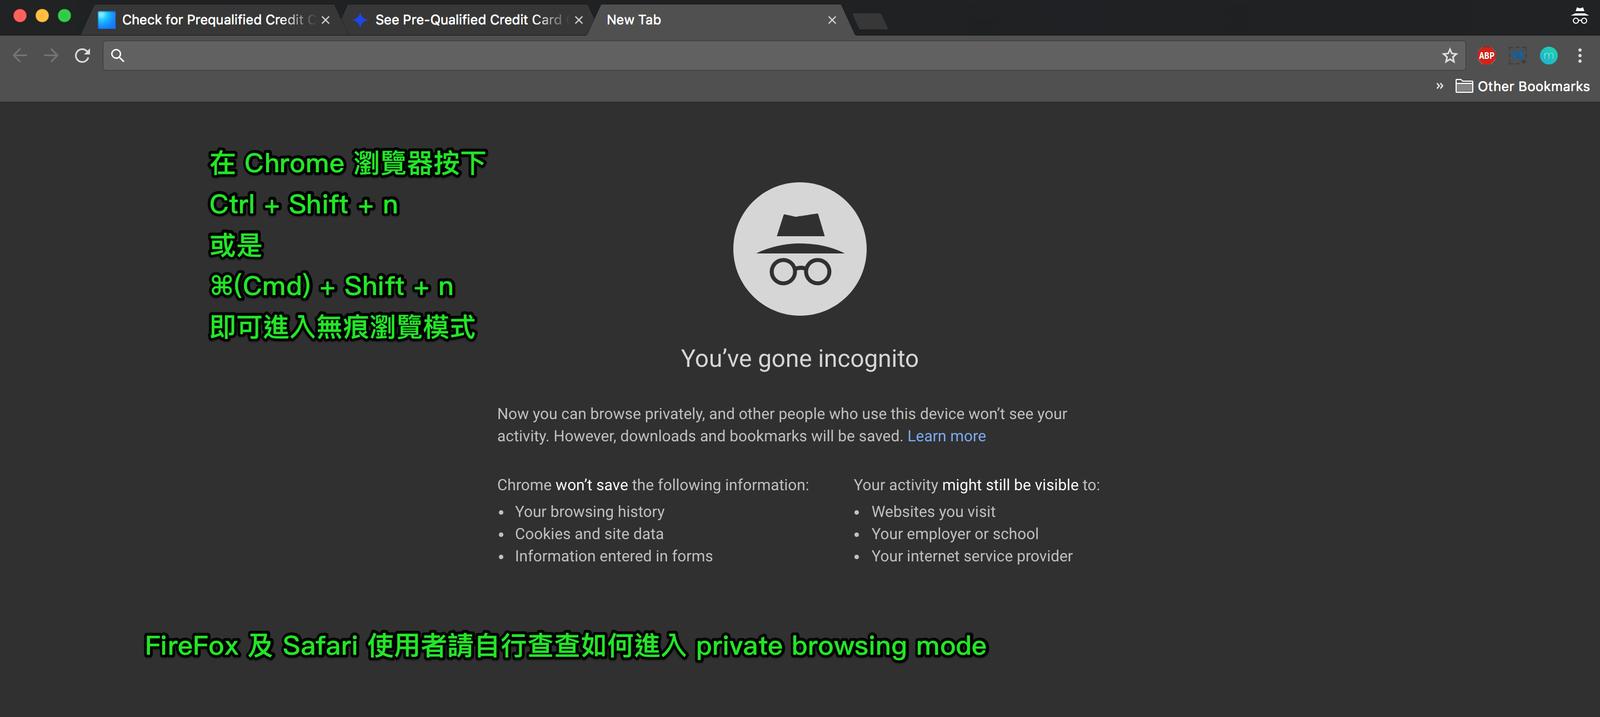 無痕 Incognito 瀏覽模式的色調比較暗,是深灰色的